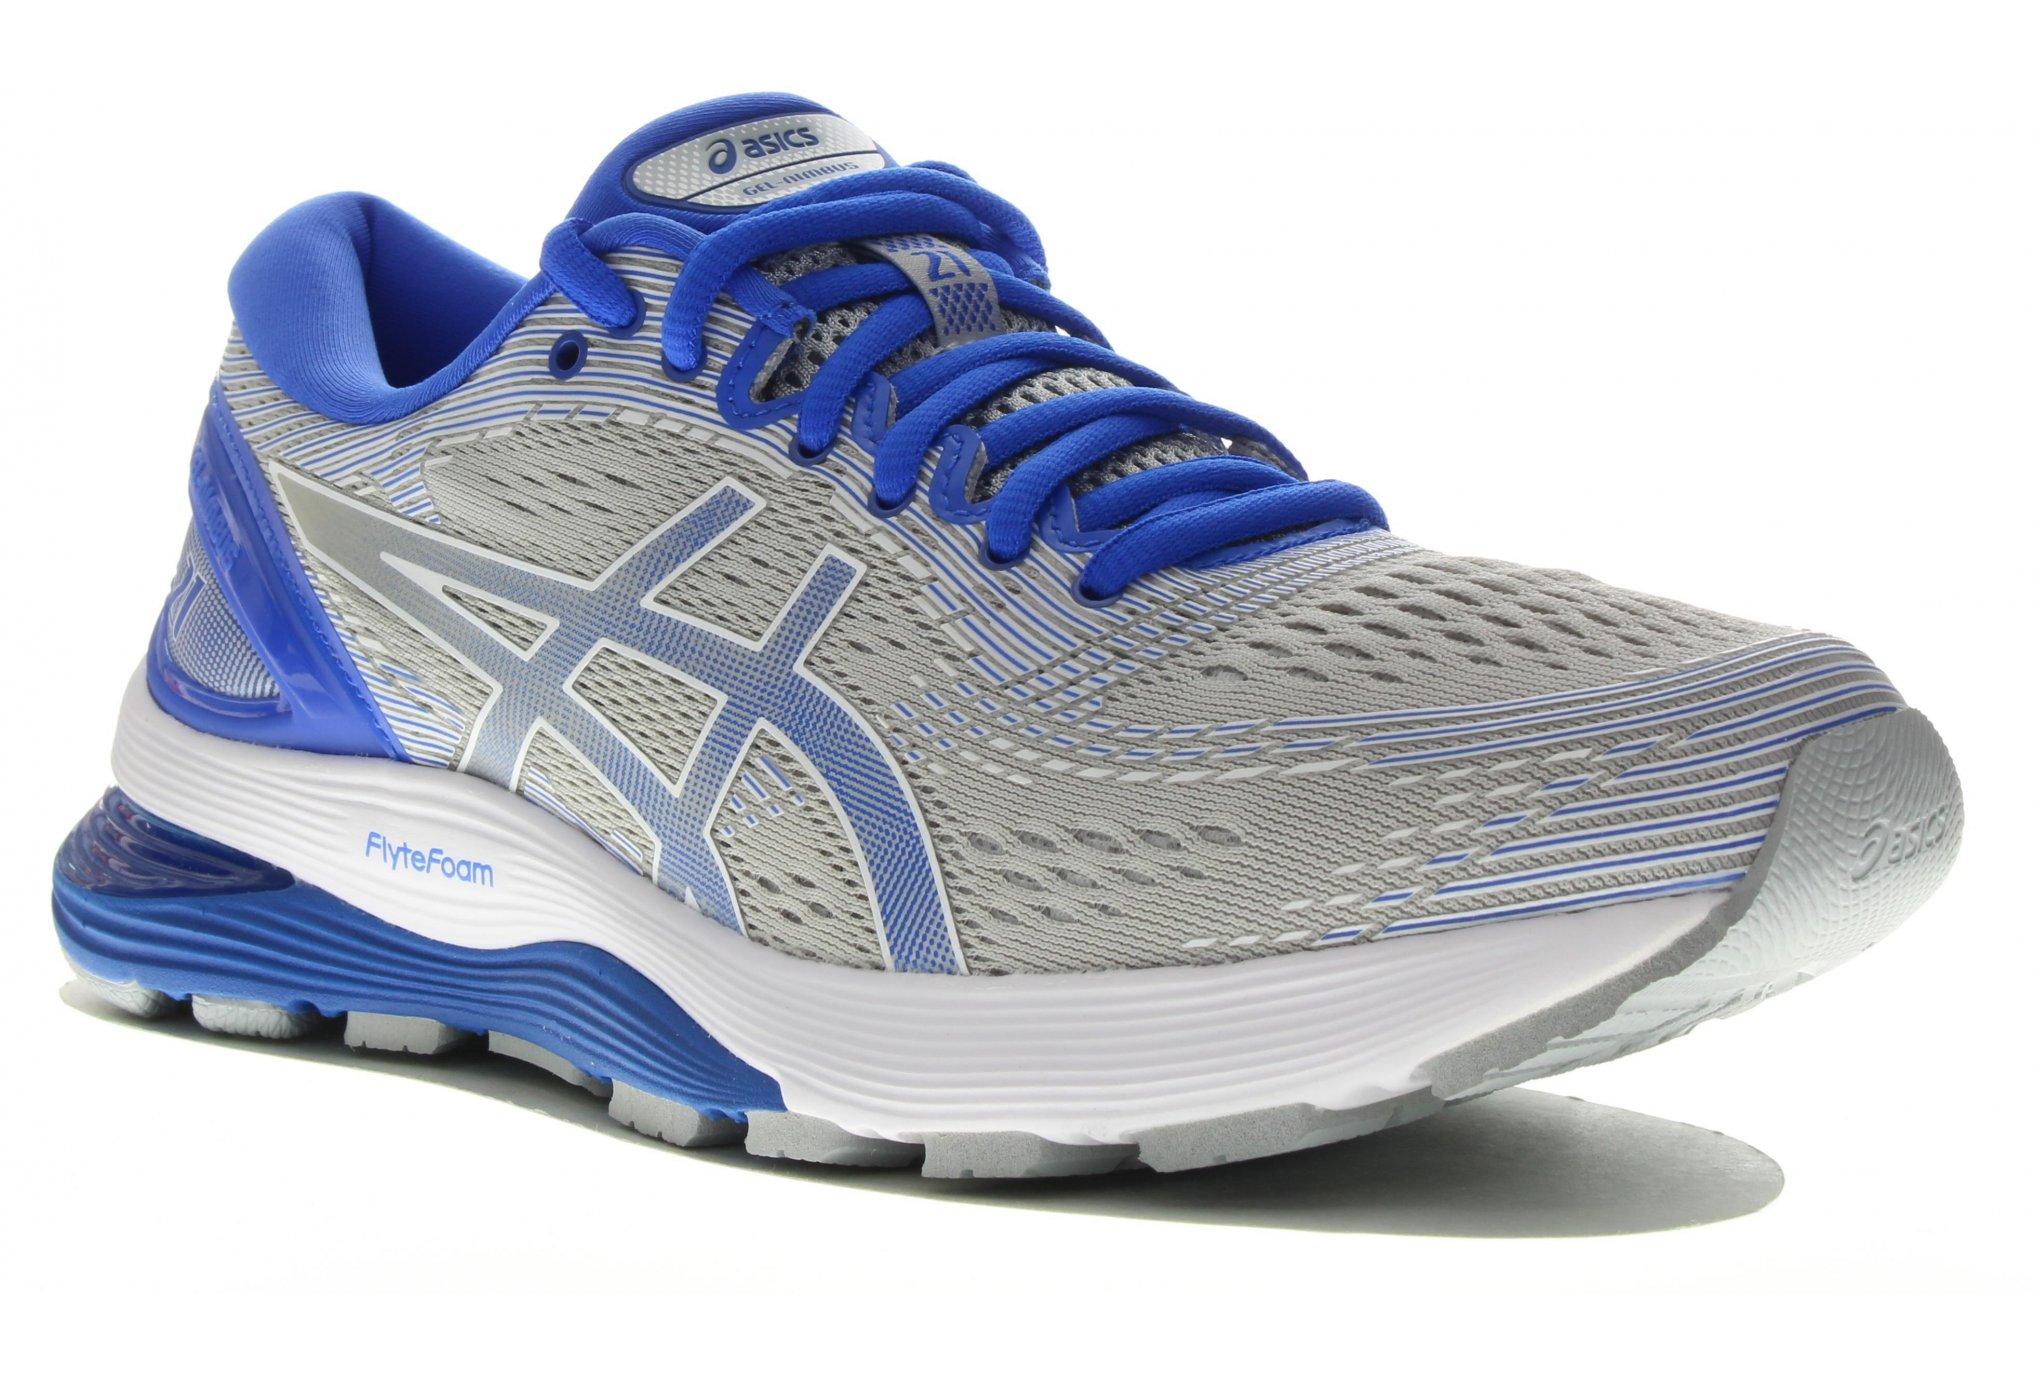 Asics Gel-Nimbus 21 Expert Chaussures running femme